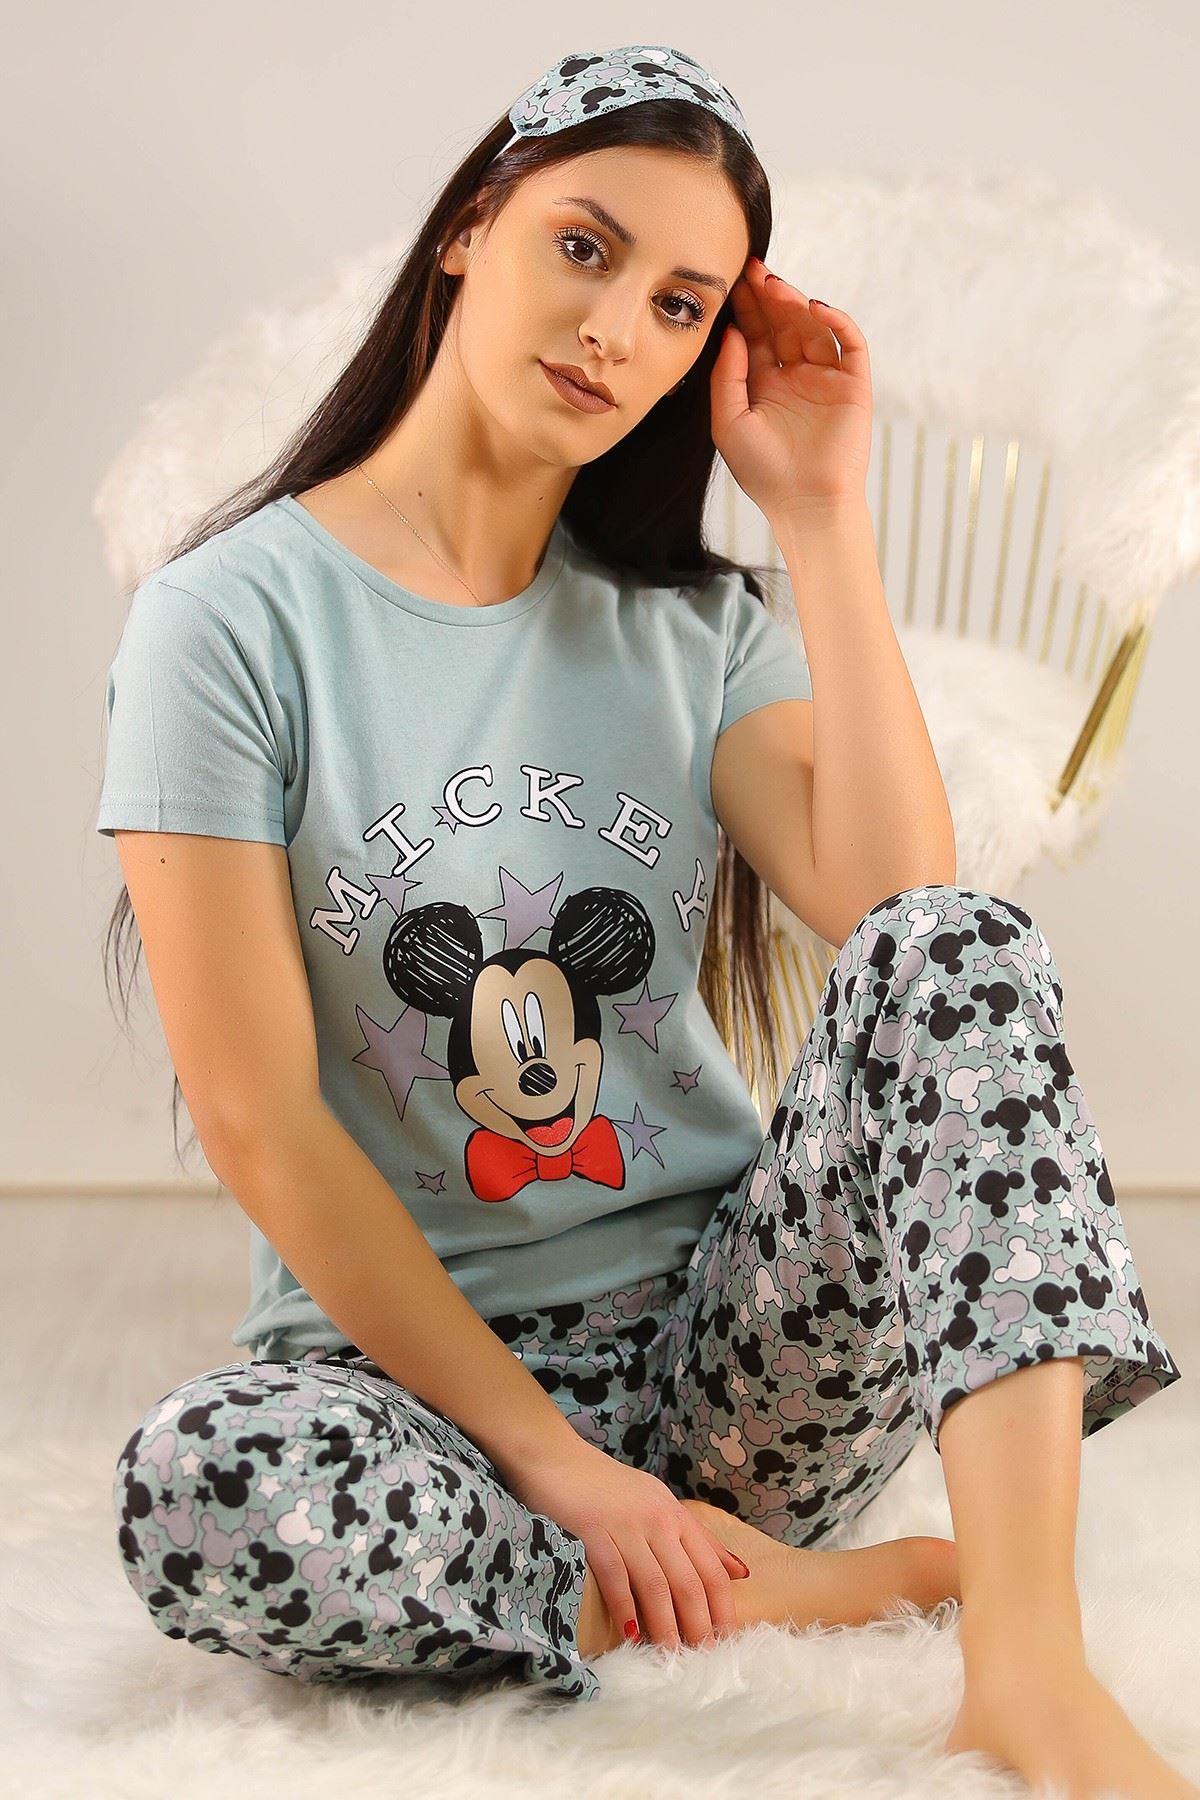 Baskılı Pijama Takımı Suyeşili - 21639.1059.